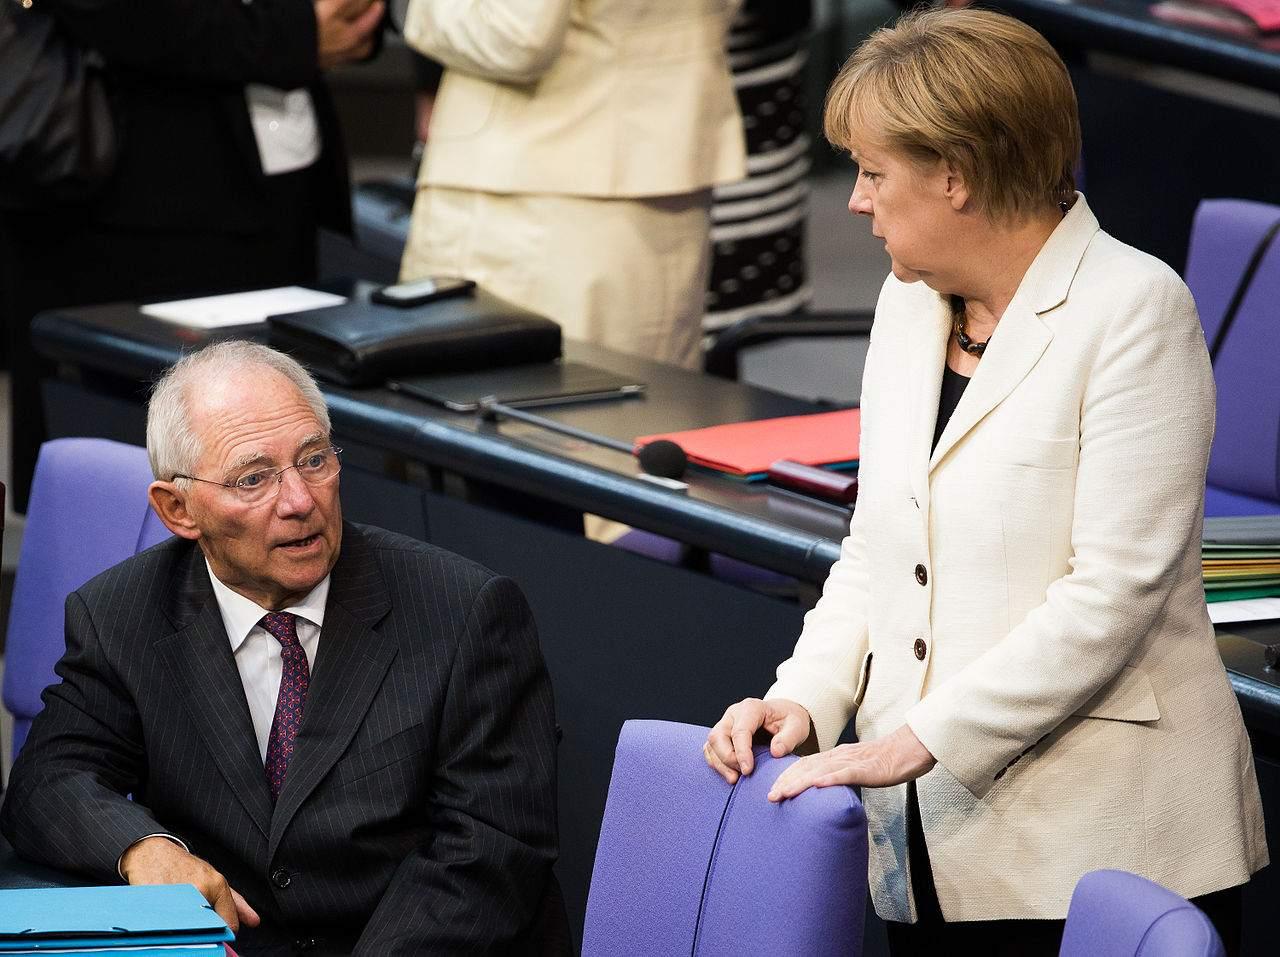 Wolfgang-Schäuble-hat-für-Angela-Merkel-das-Griechenland-Paket-durchgepeitscht